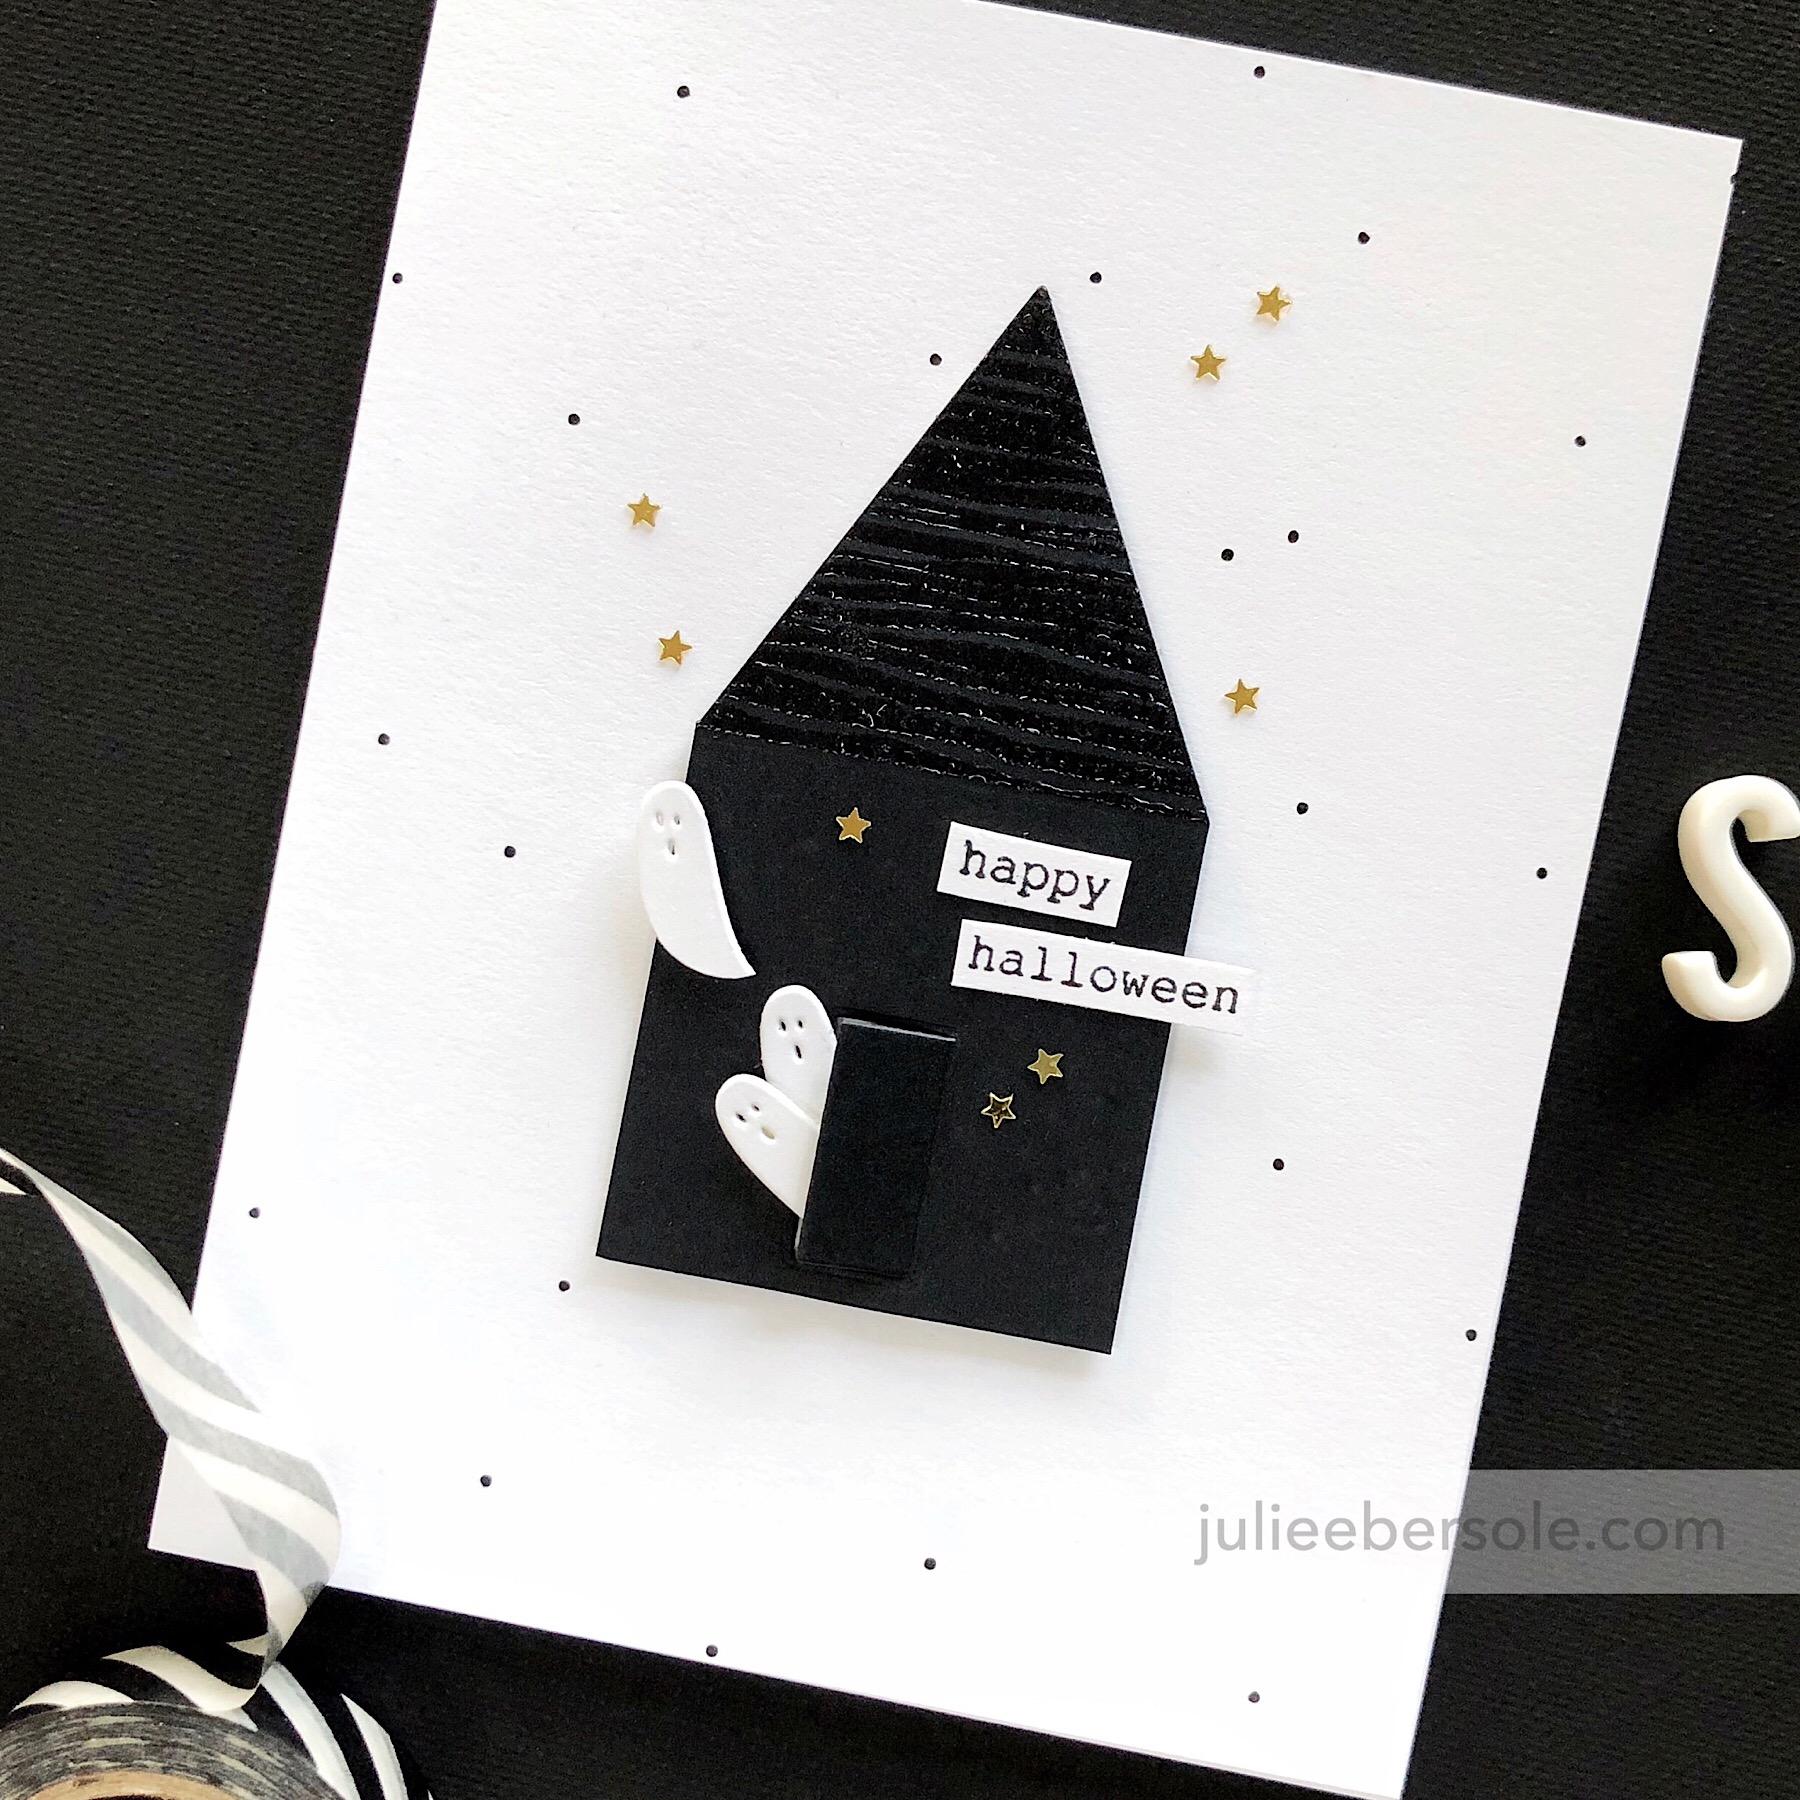 Halloween-house-card-001-2.jpg